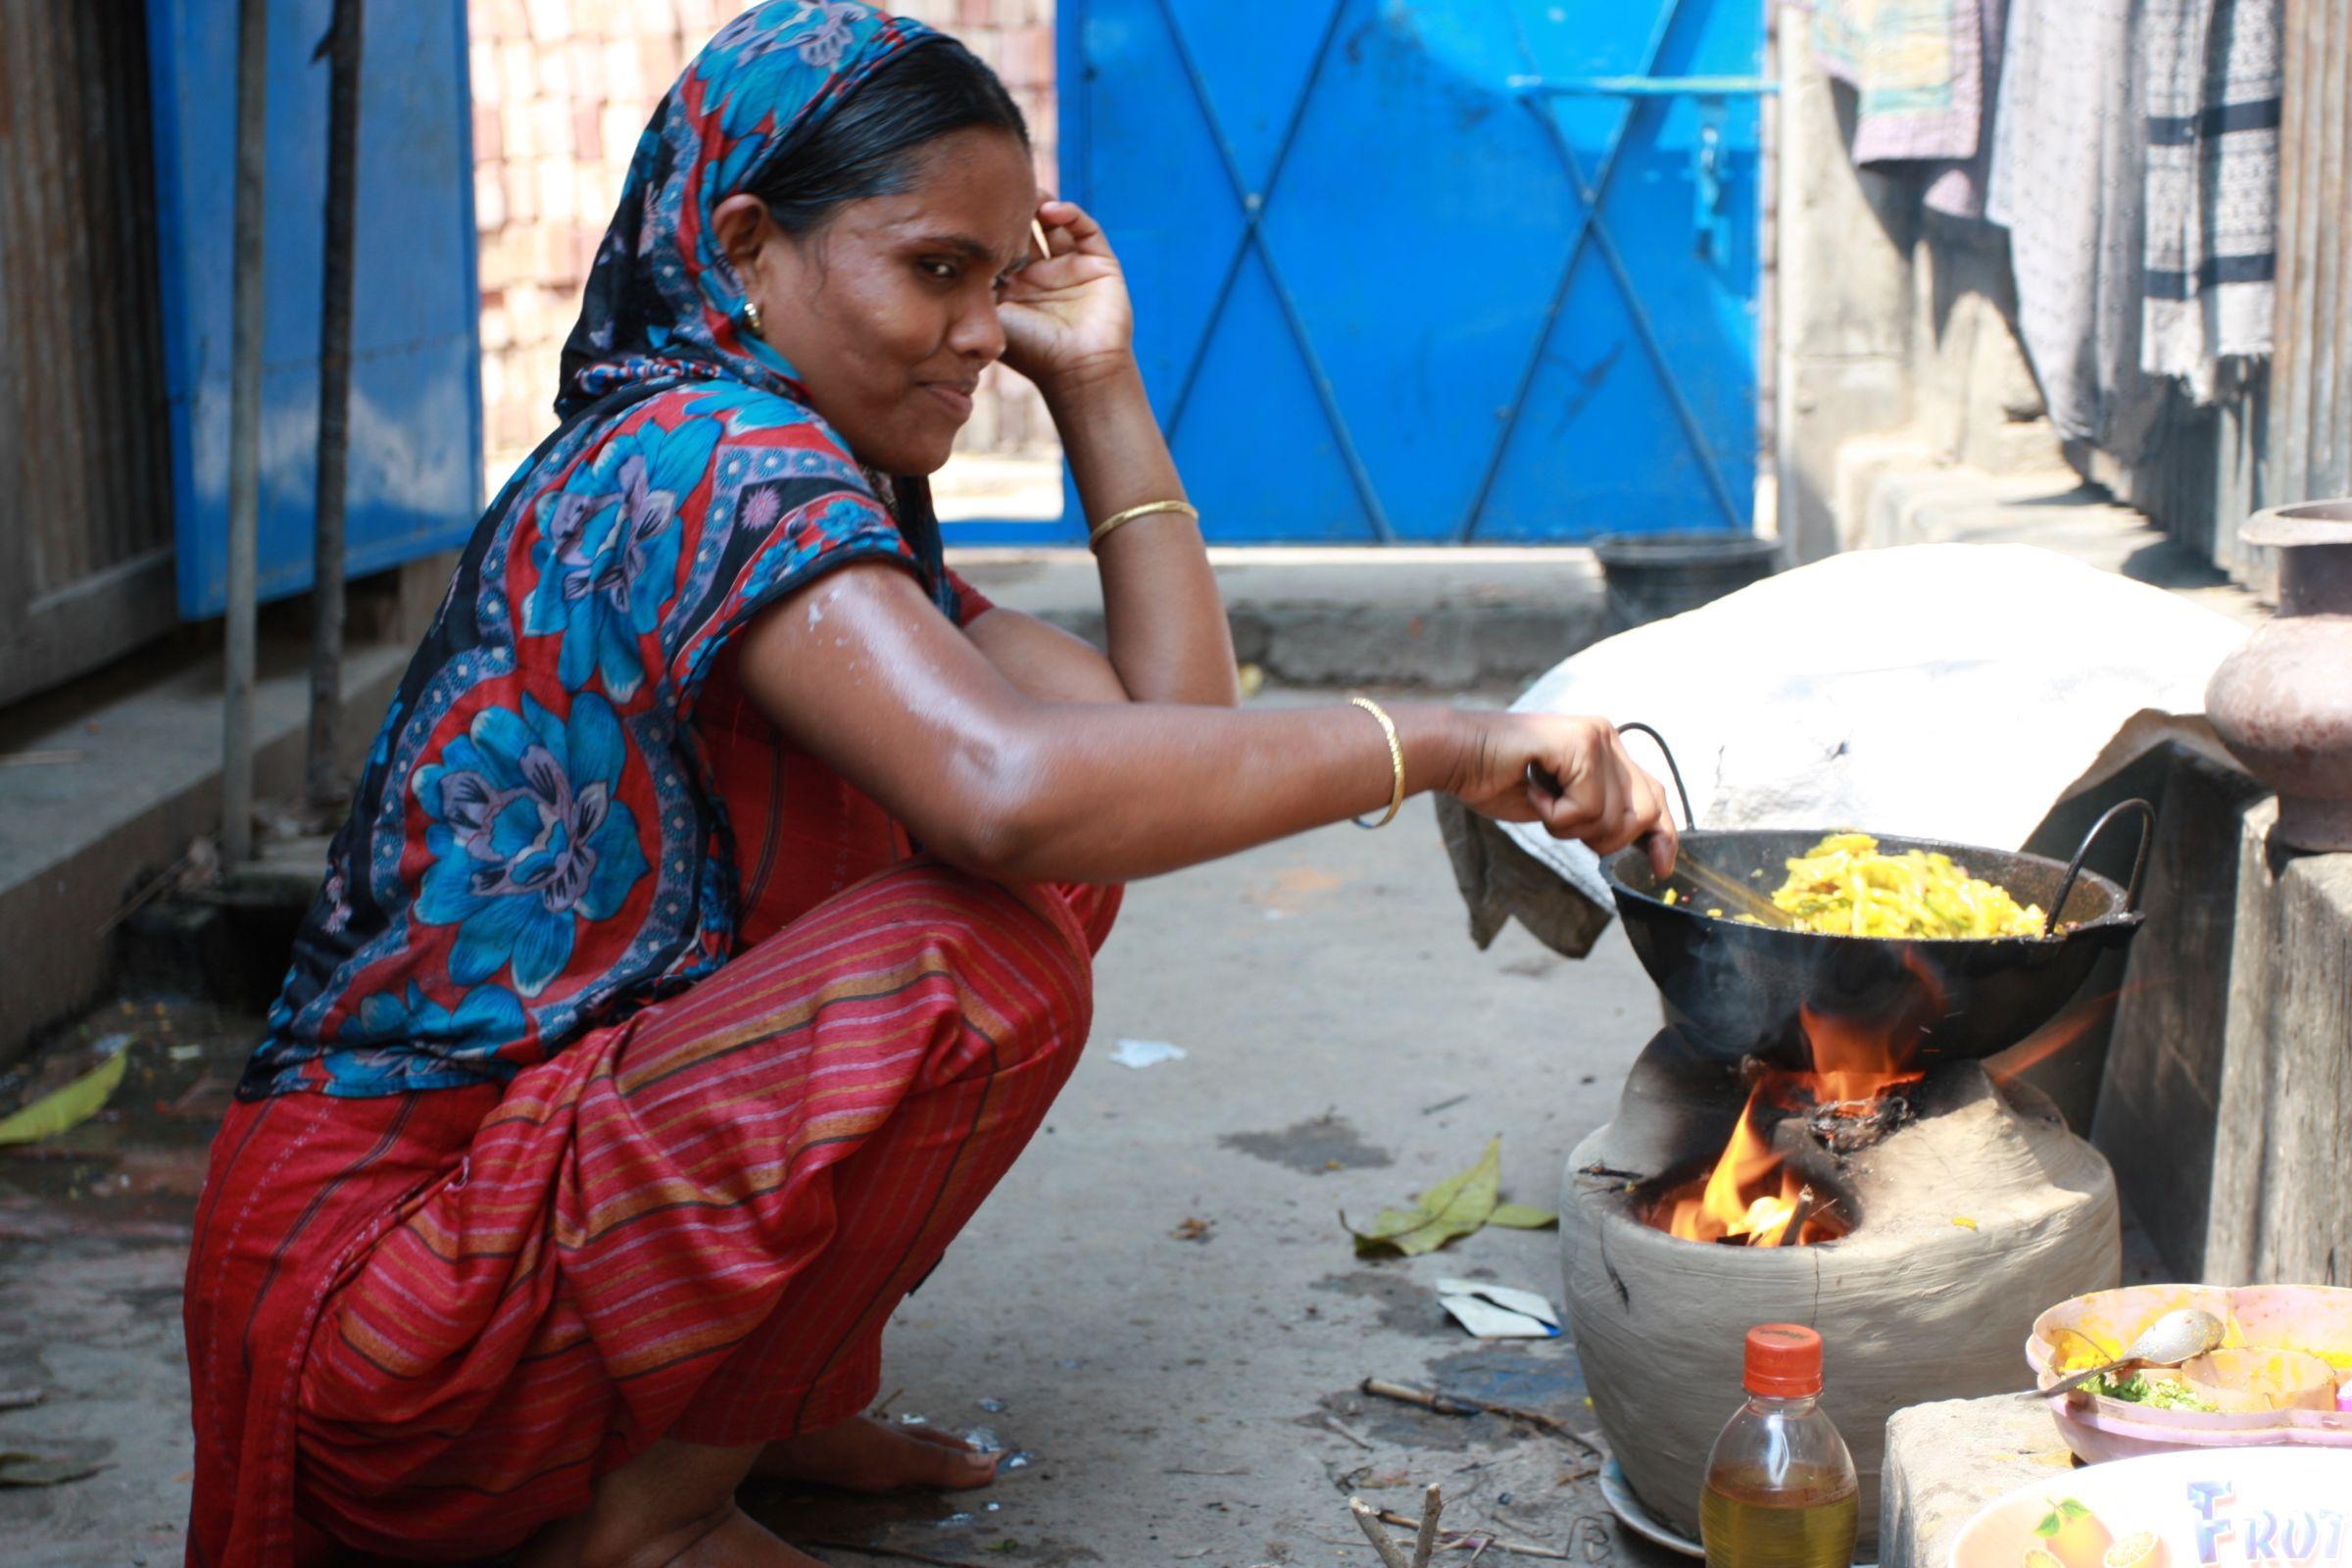 Dieta przeciętnego mieszkańca slumsów w Bangladeszu zaspokaja tylko 74 procent dziennego zapotrzebowania na kalorie (fot. Marek Rabij)